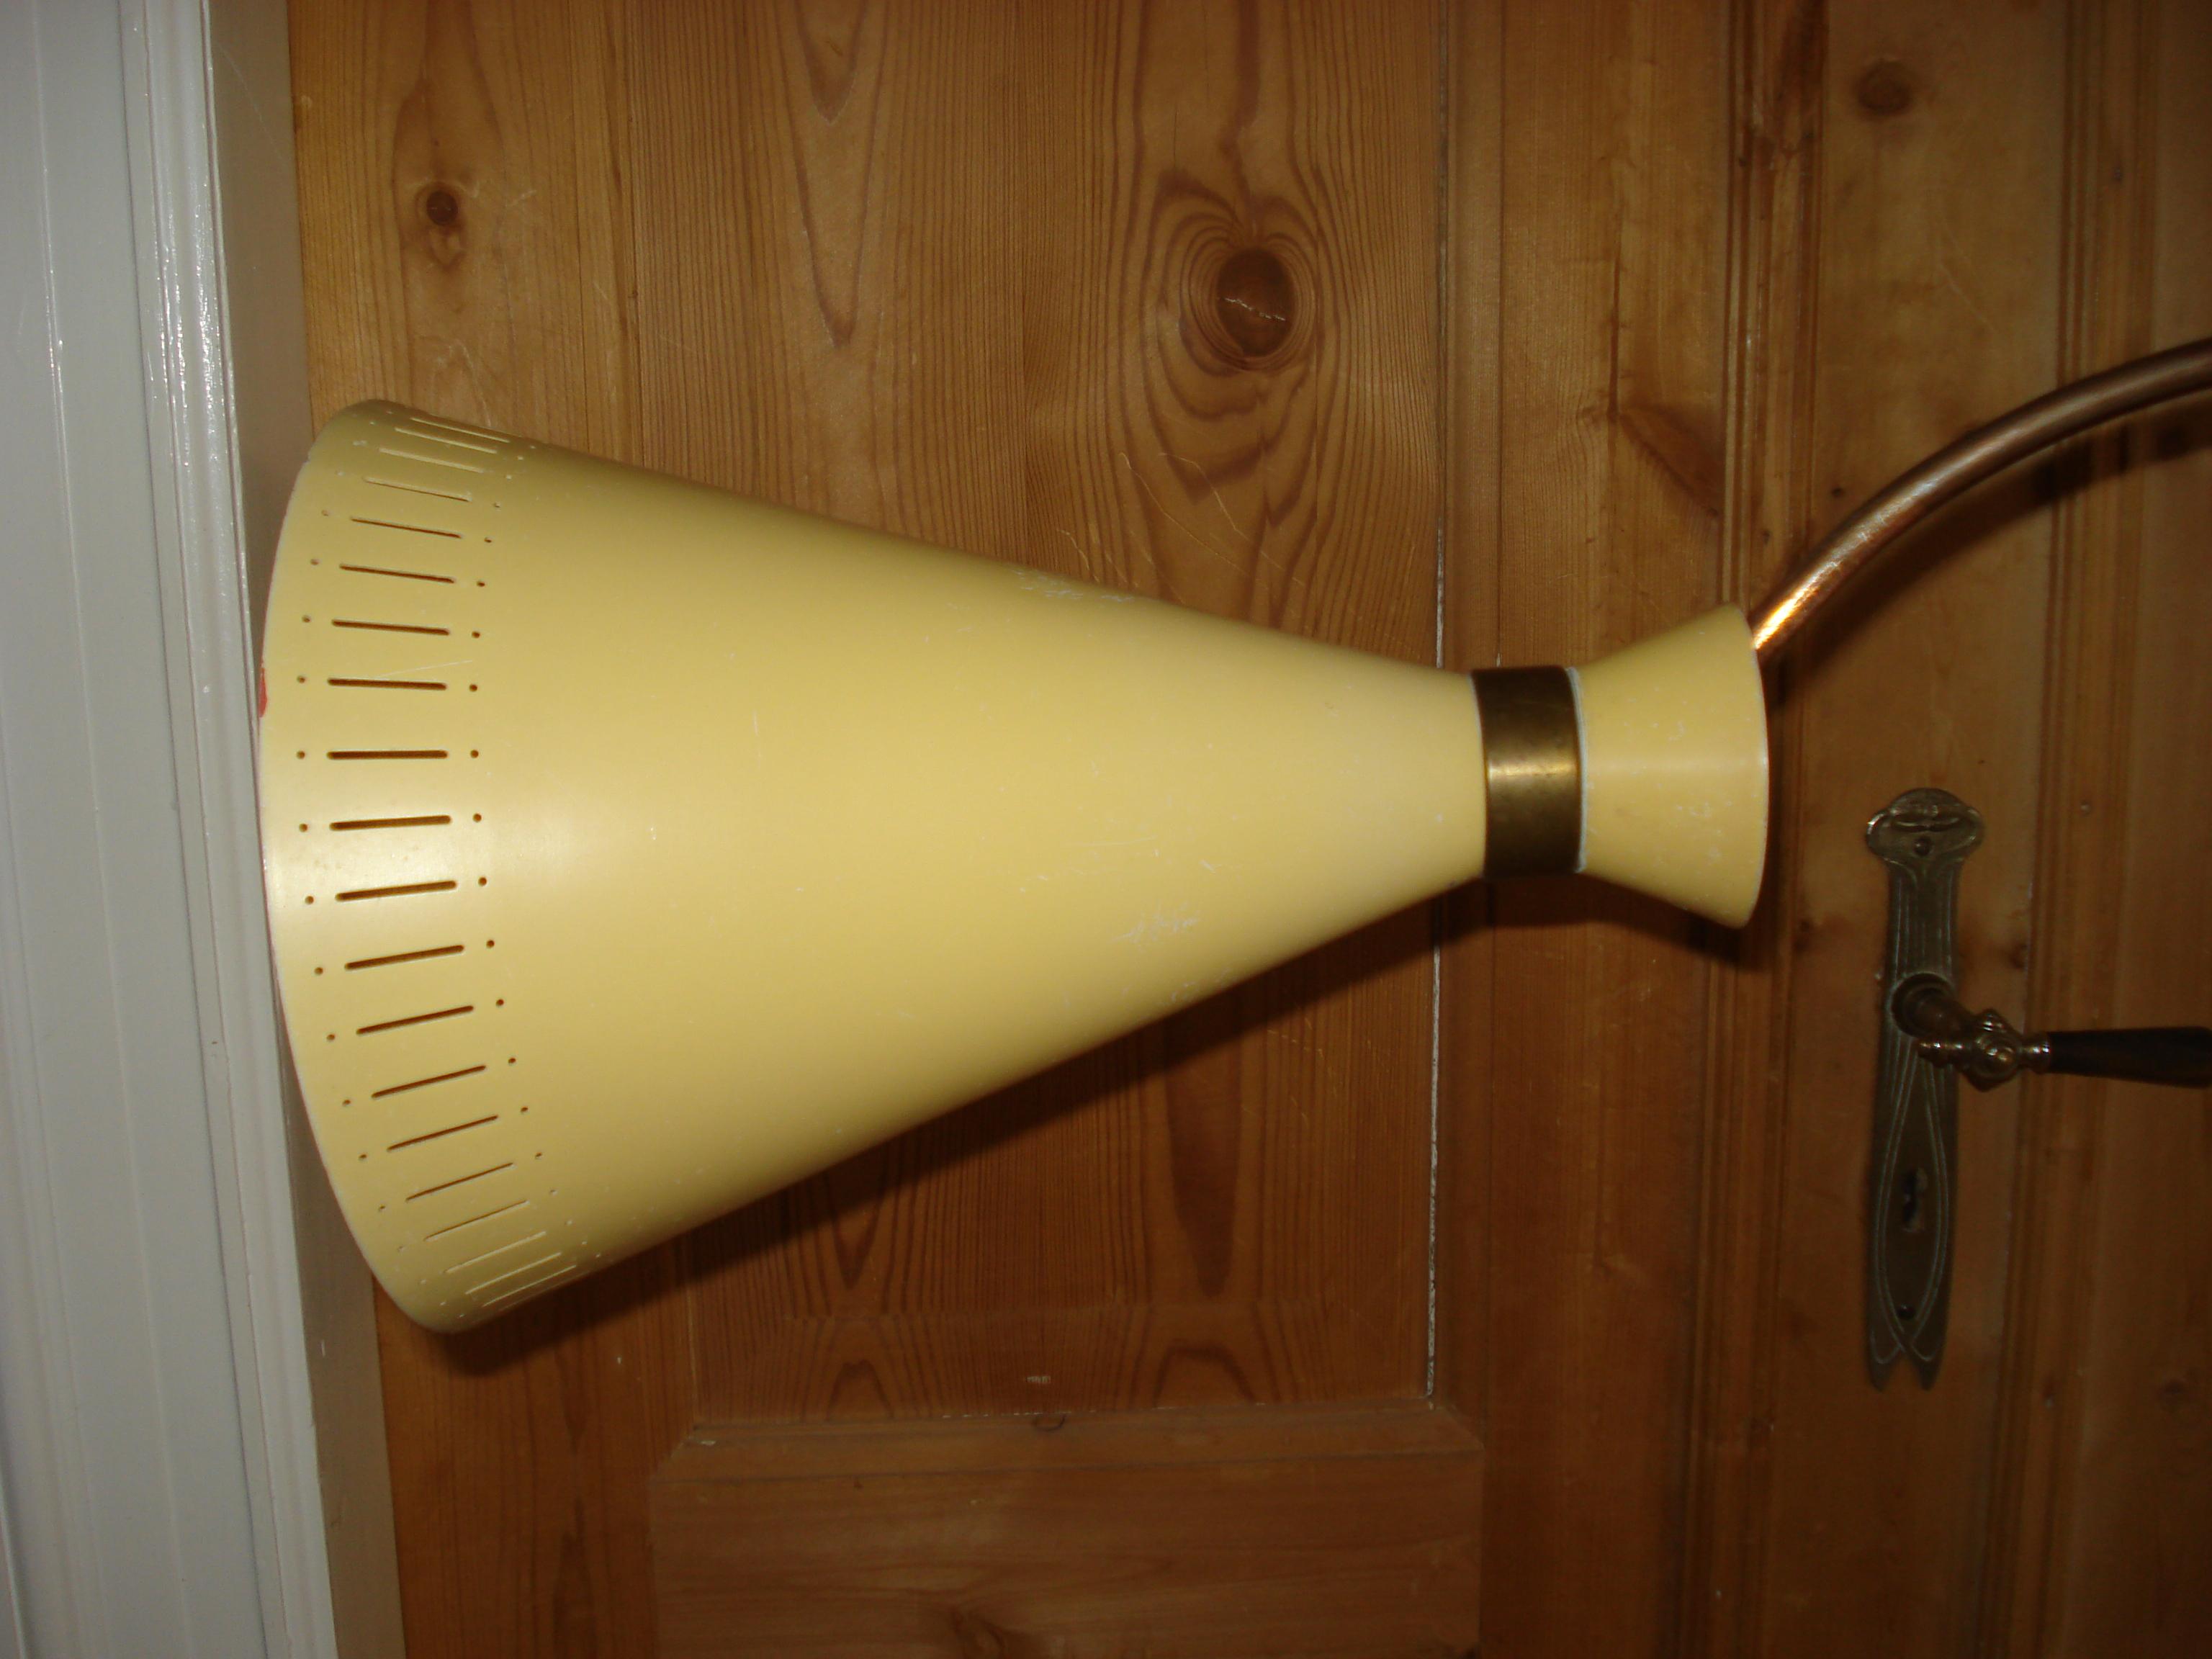 Standerlampe Asea el Svend Aage Holm Sorensen 1950 u2032erne retro design dk